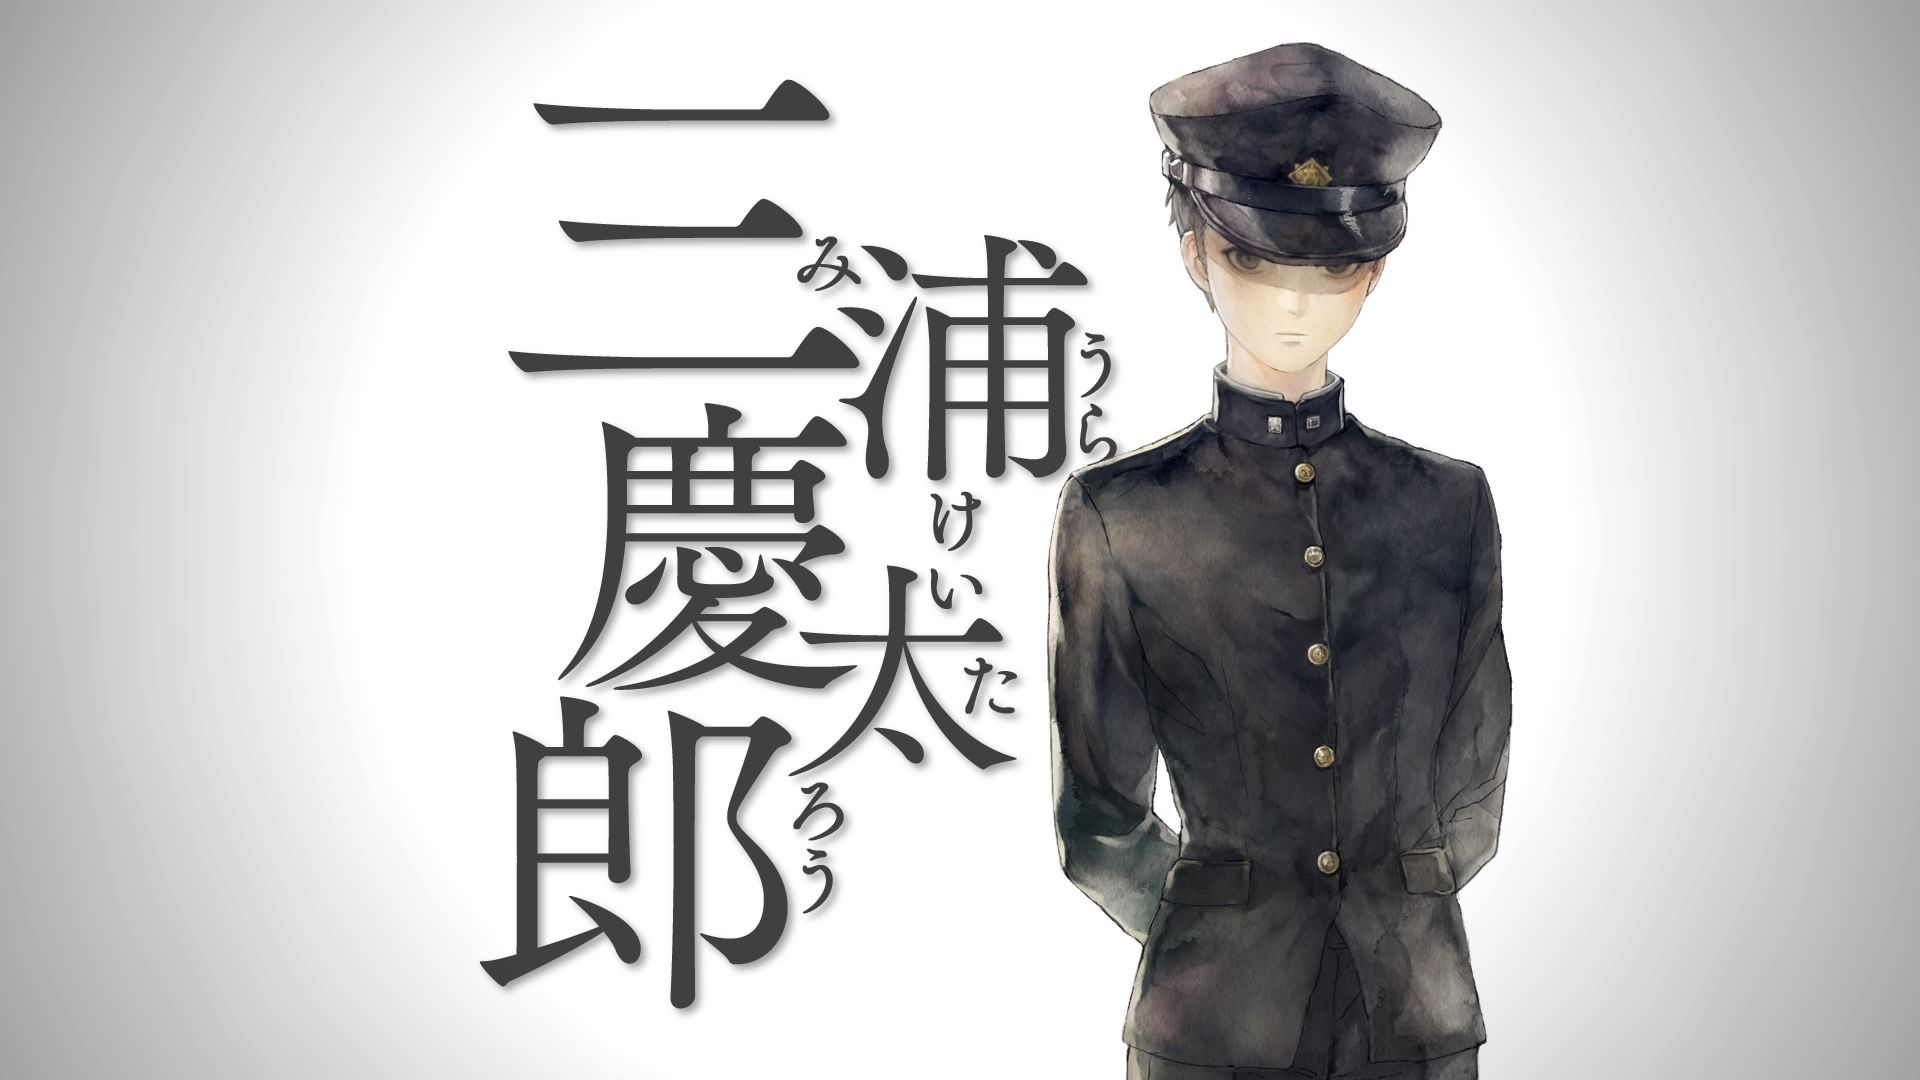 十三機兵防衛圏 三浦慶太郎(みうらけいたろう)